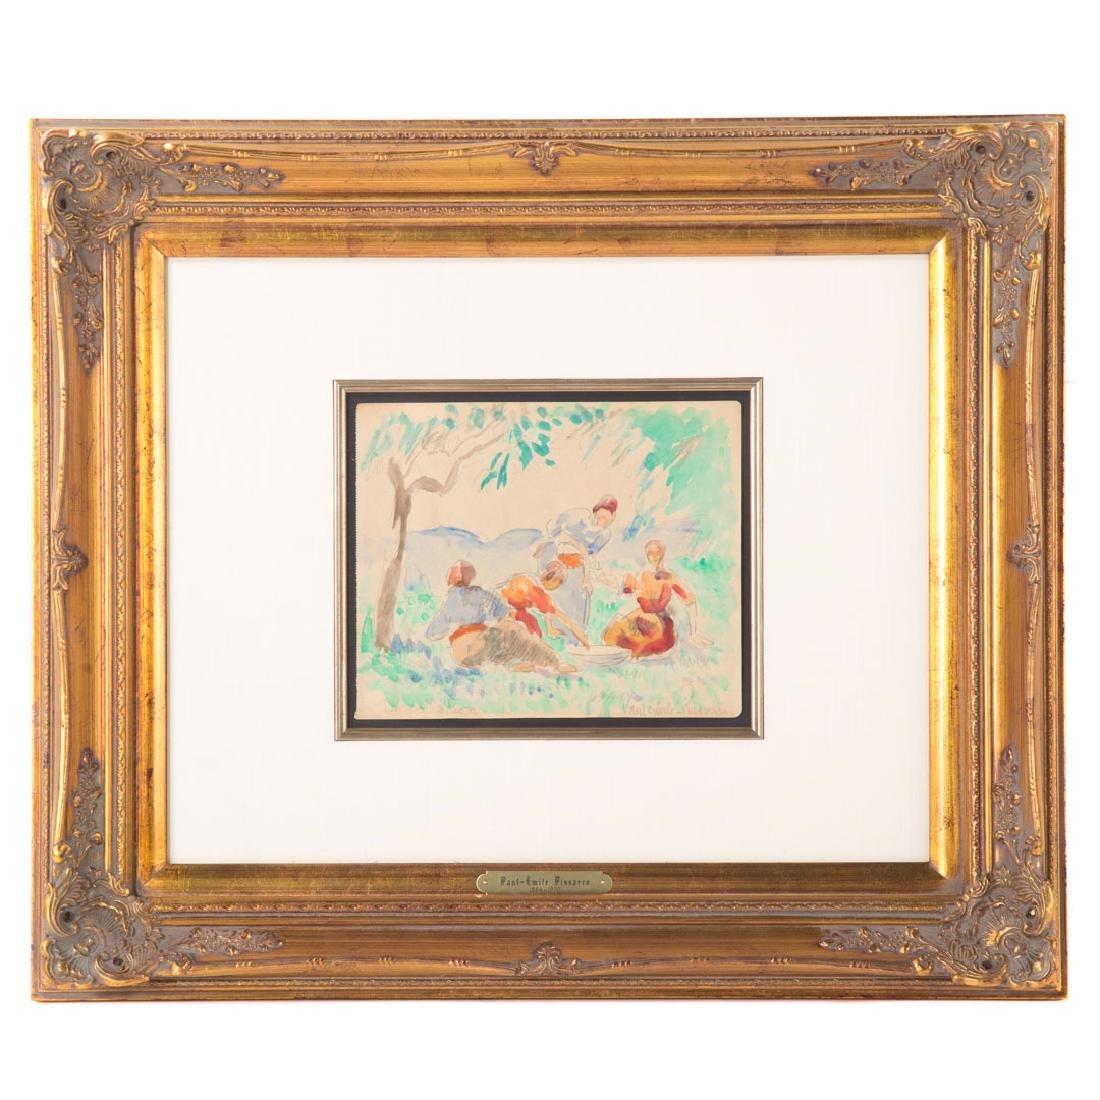 Paul-Emile Pissarro. Les Femmes sur L'Herbe, w/c